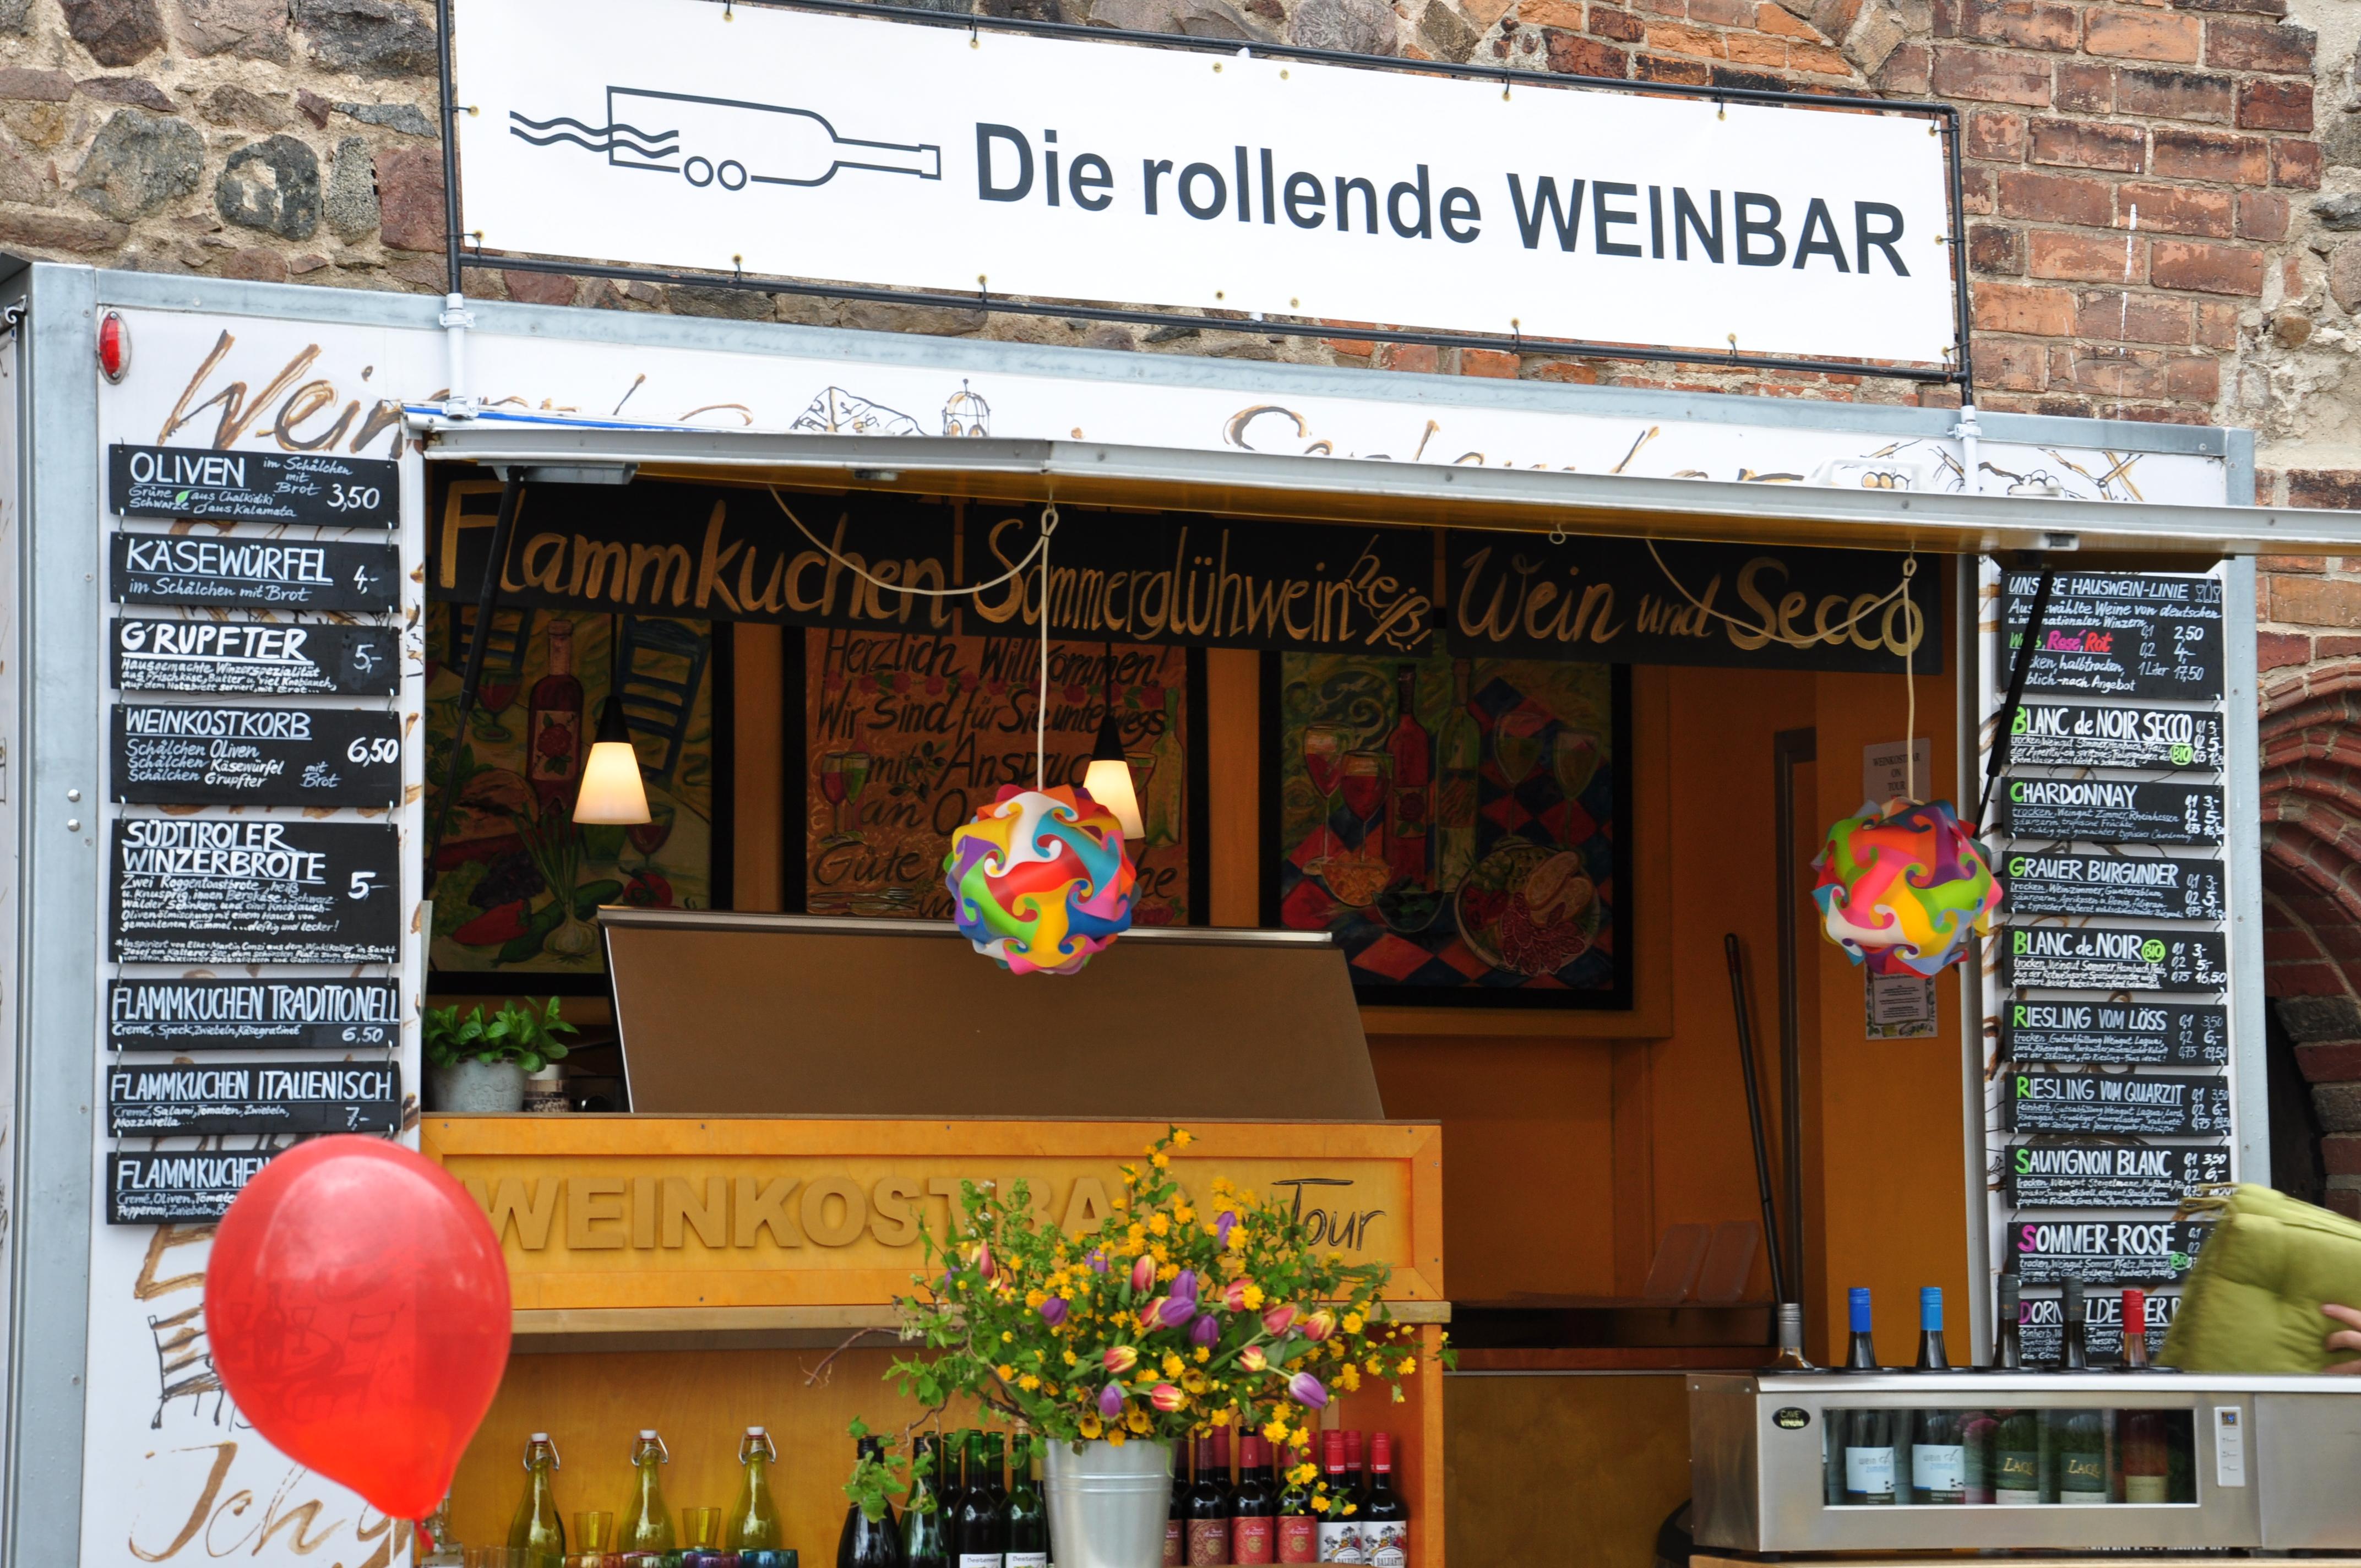 Ob Sommerglühwein oder Weißwein, die rollende Weinbar hat alles an Bord.